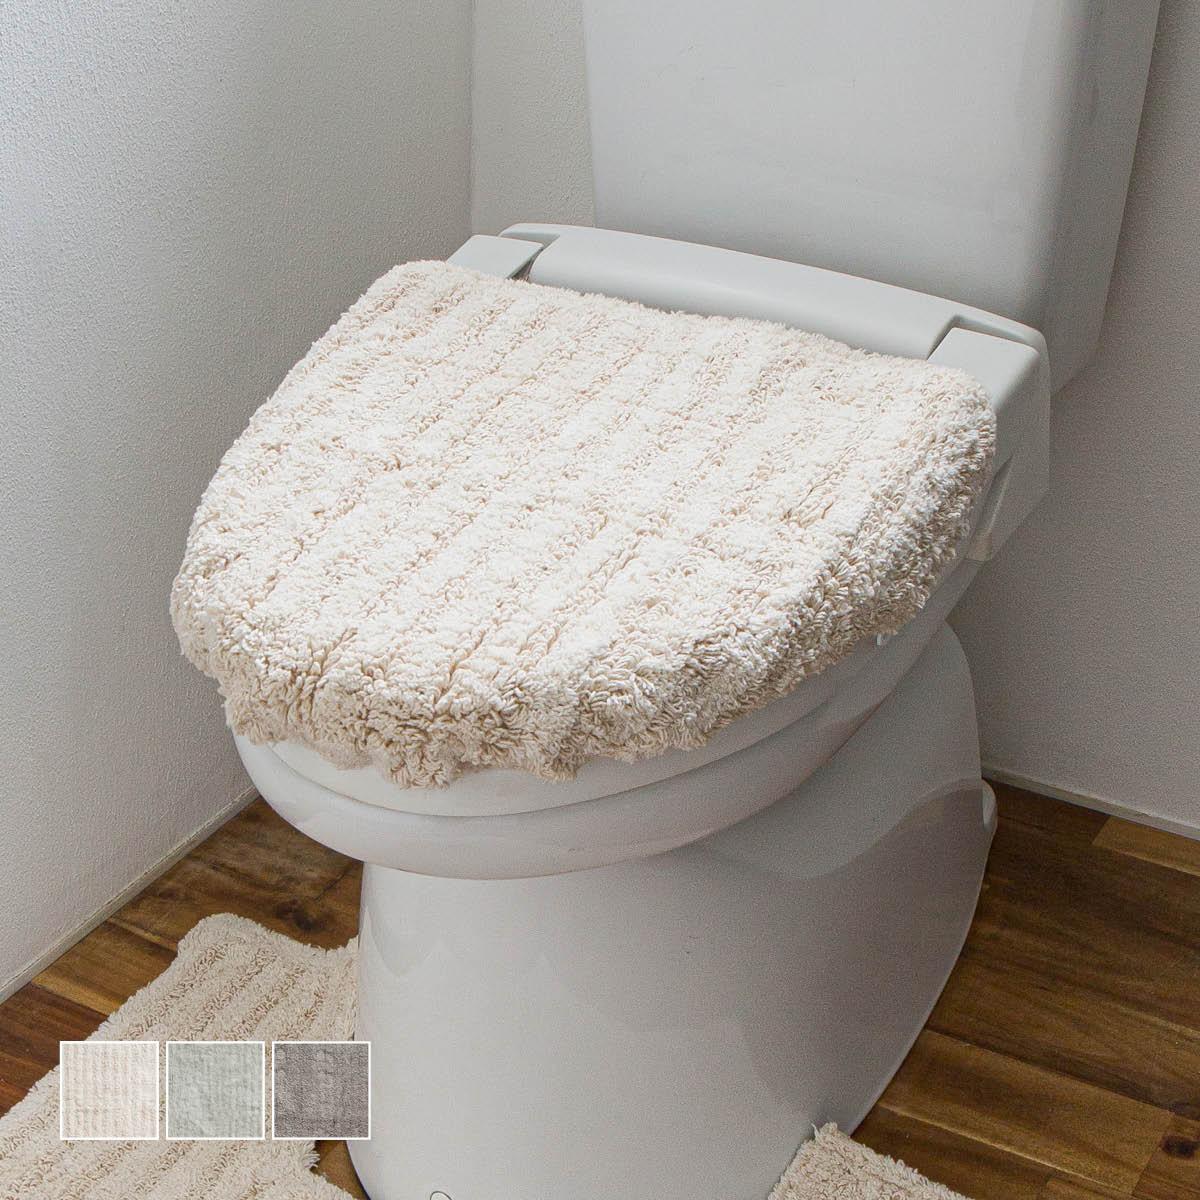 最新号掲載アイテム トイレ蓋カバー 洗浄暖房 完売 b2c シンプル トイレフタカバー #SL_BT オーガニックコットン